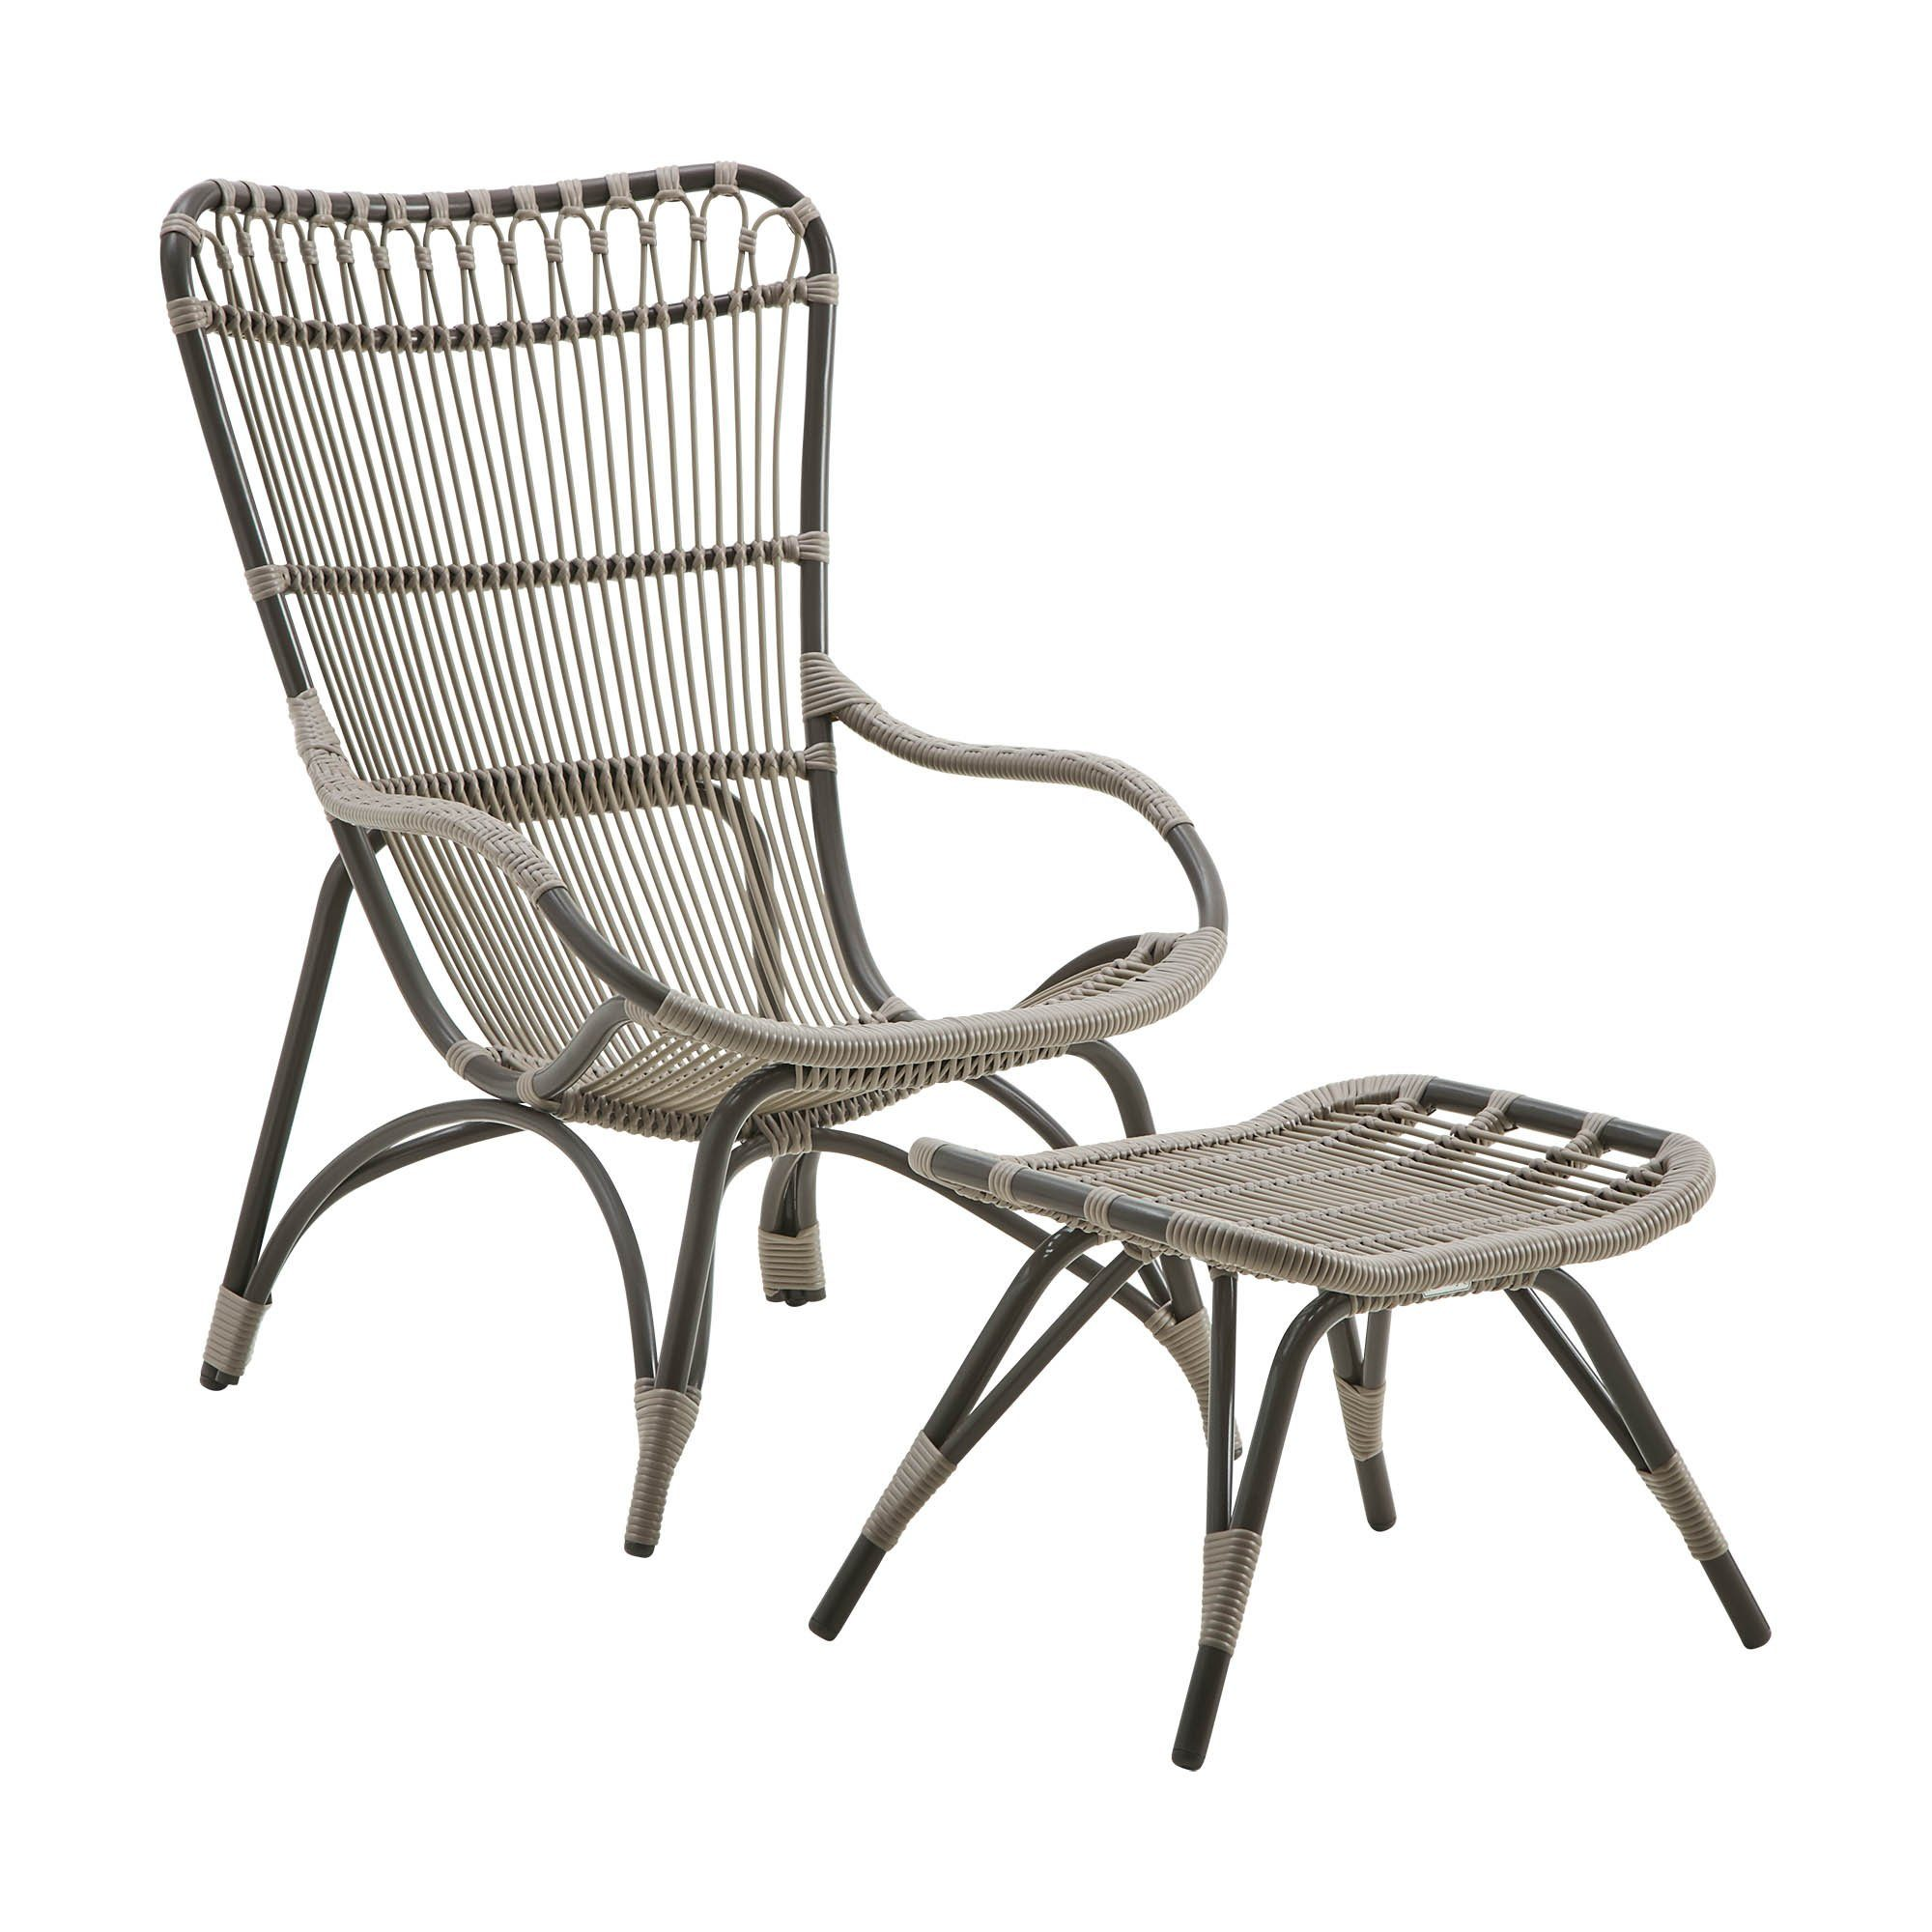 Monet fåtölj och fotpall från Sika-Design aluminium och konstrotting.